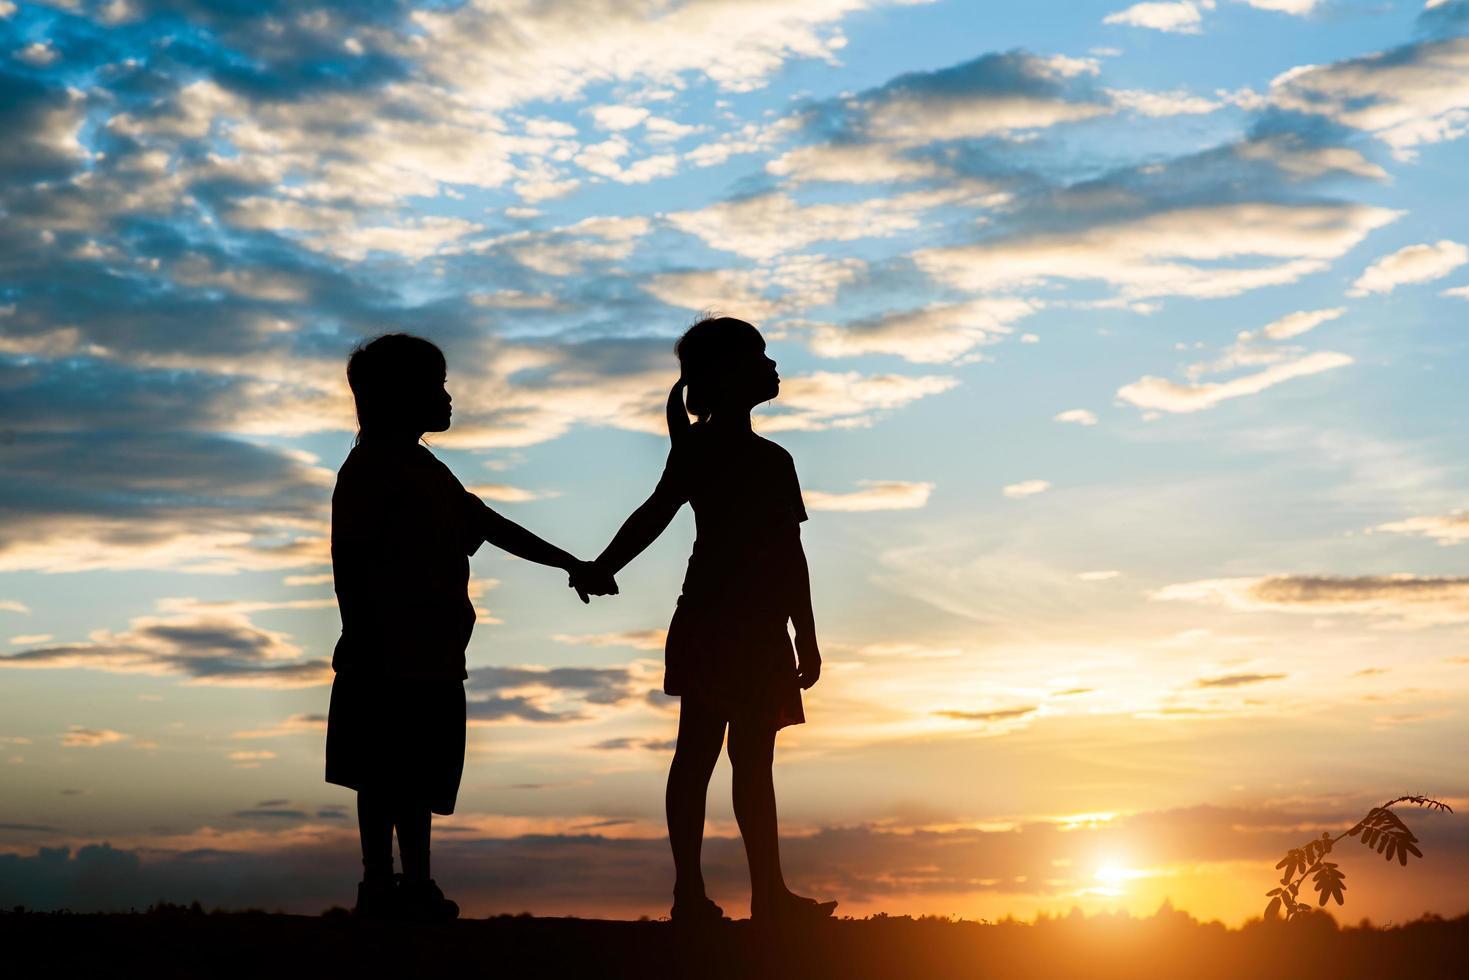 coucher de soleil silhouette d'enfants jouant photo